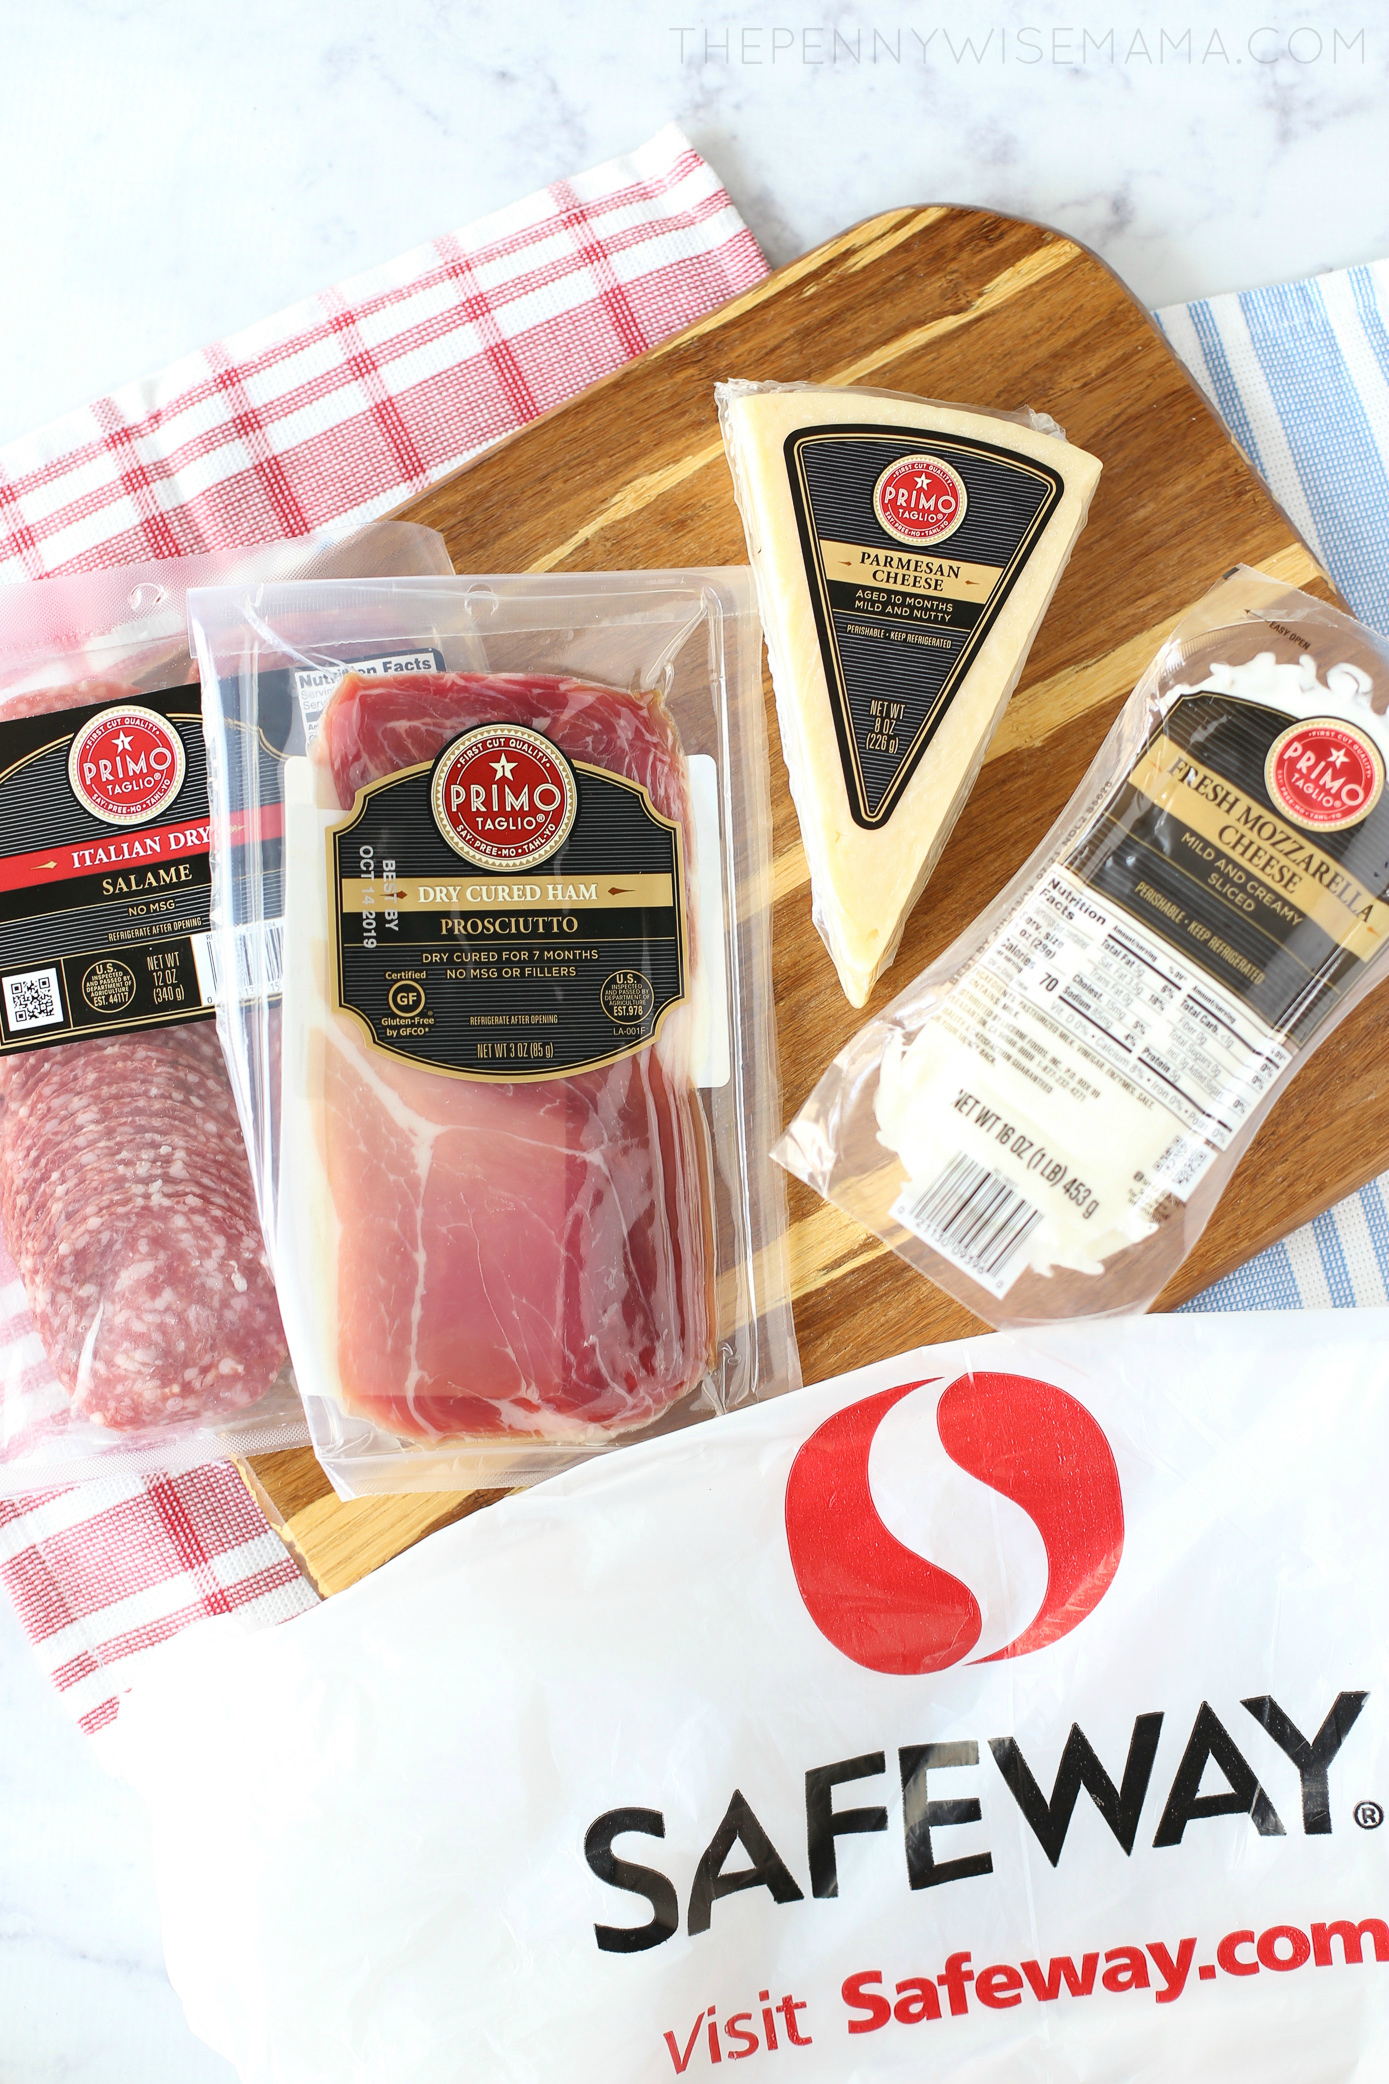 Primo Taglio Premium Meat and Cheese